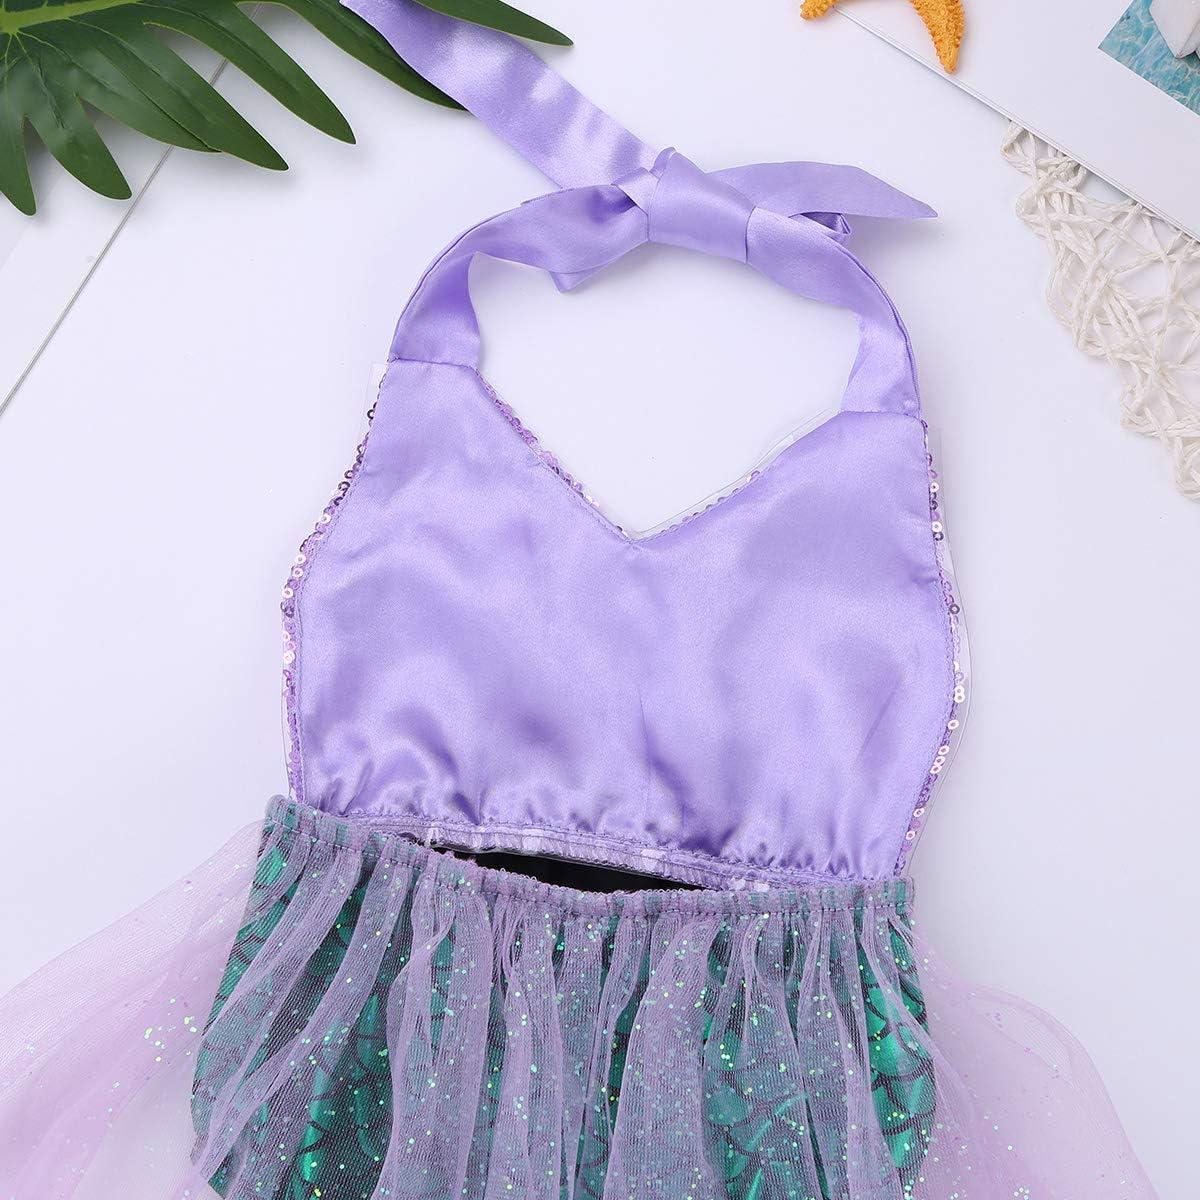 Baby Kinder Mädchen Fischschuppen Badeanzug Pailletten Fisch-Skala Schwimmanzug